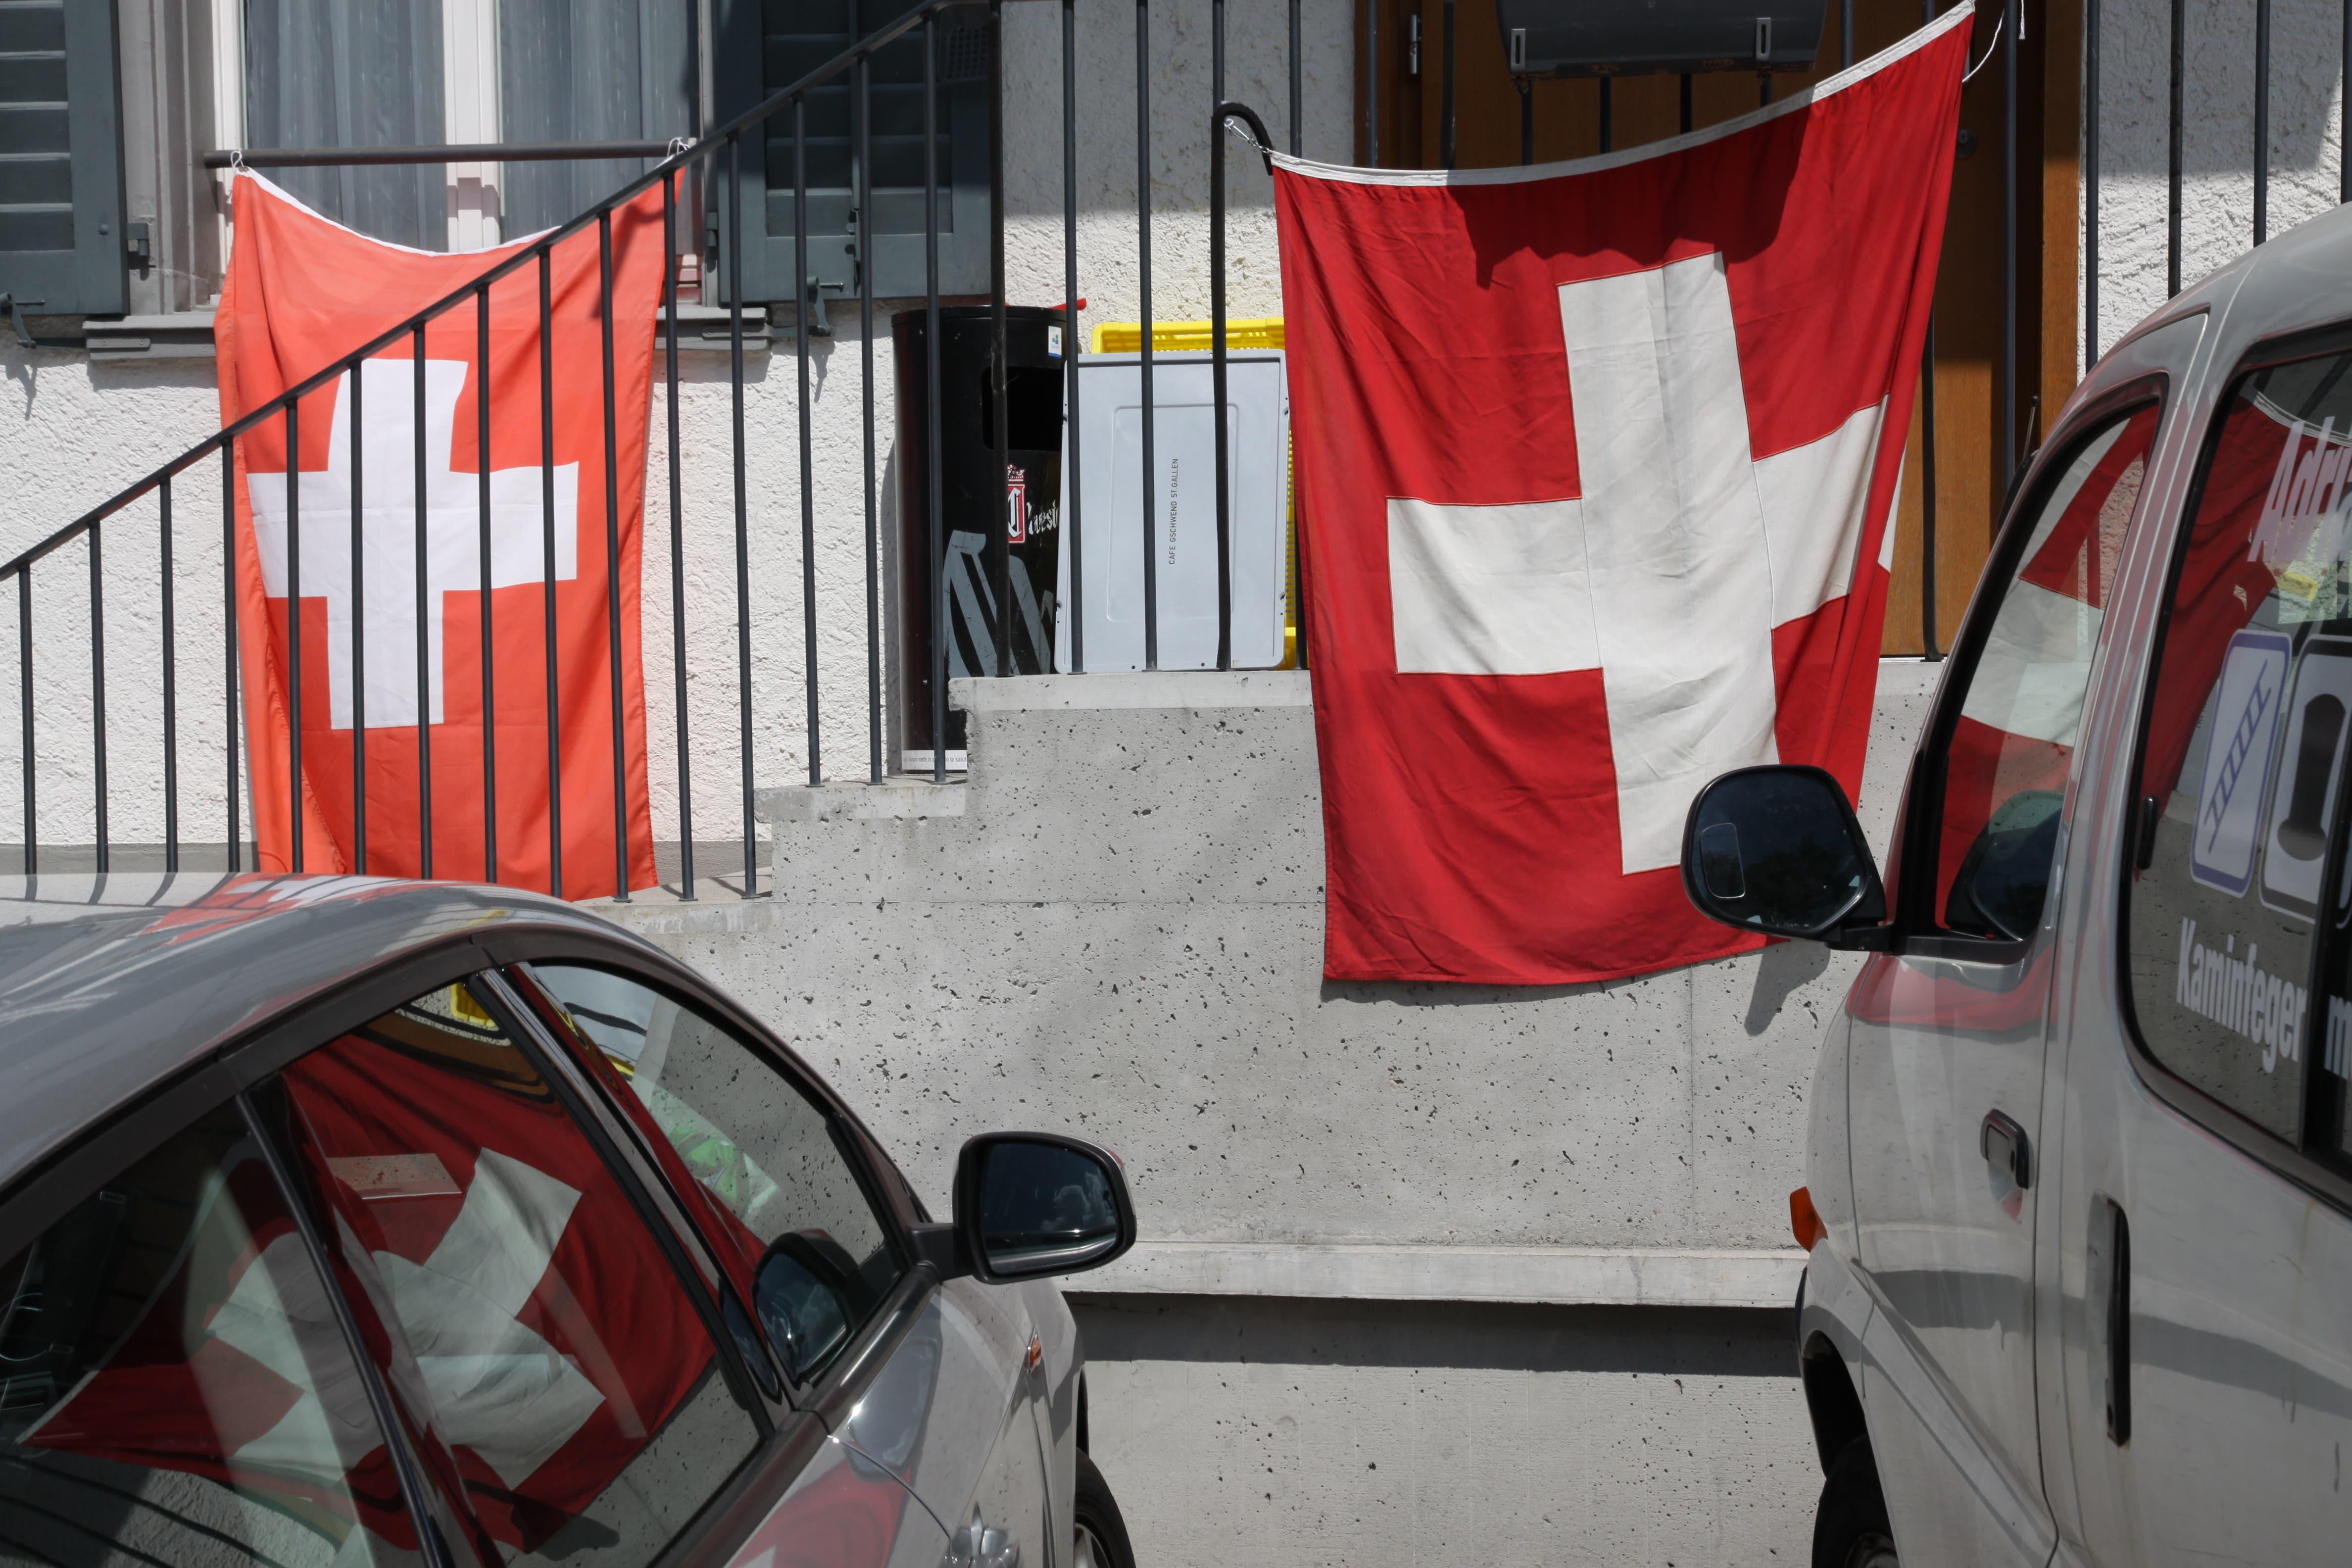 Doppelt beflaggt hilft sicher: Schweizer Fahnen am Eingang eines Restaurants im Lachen-Quartier.